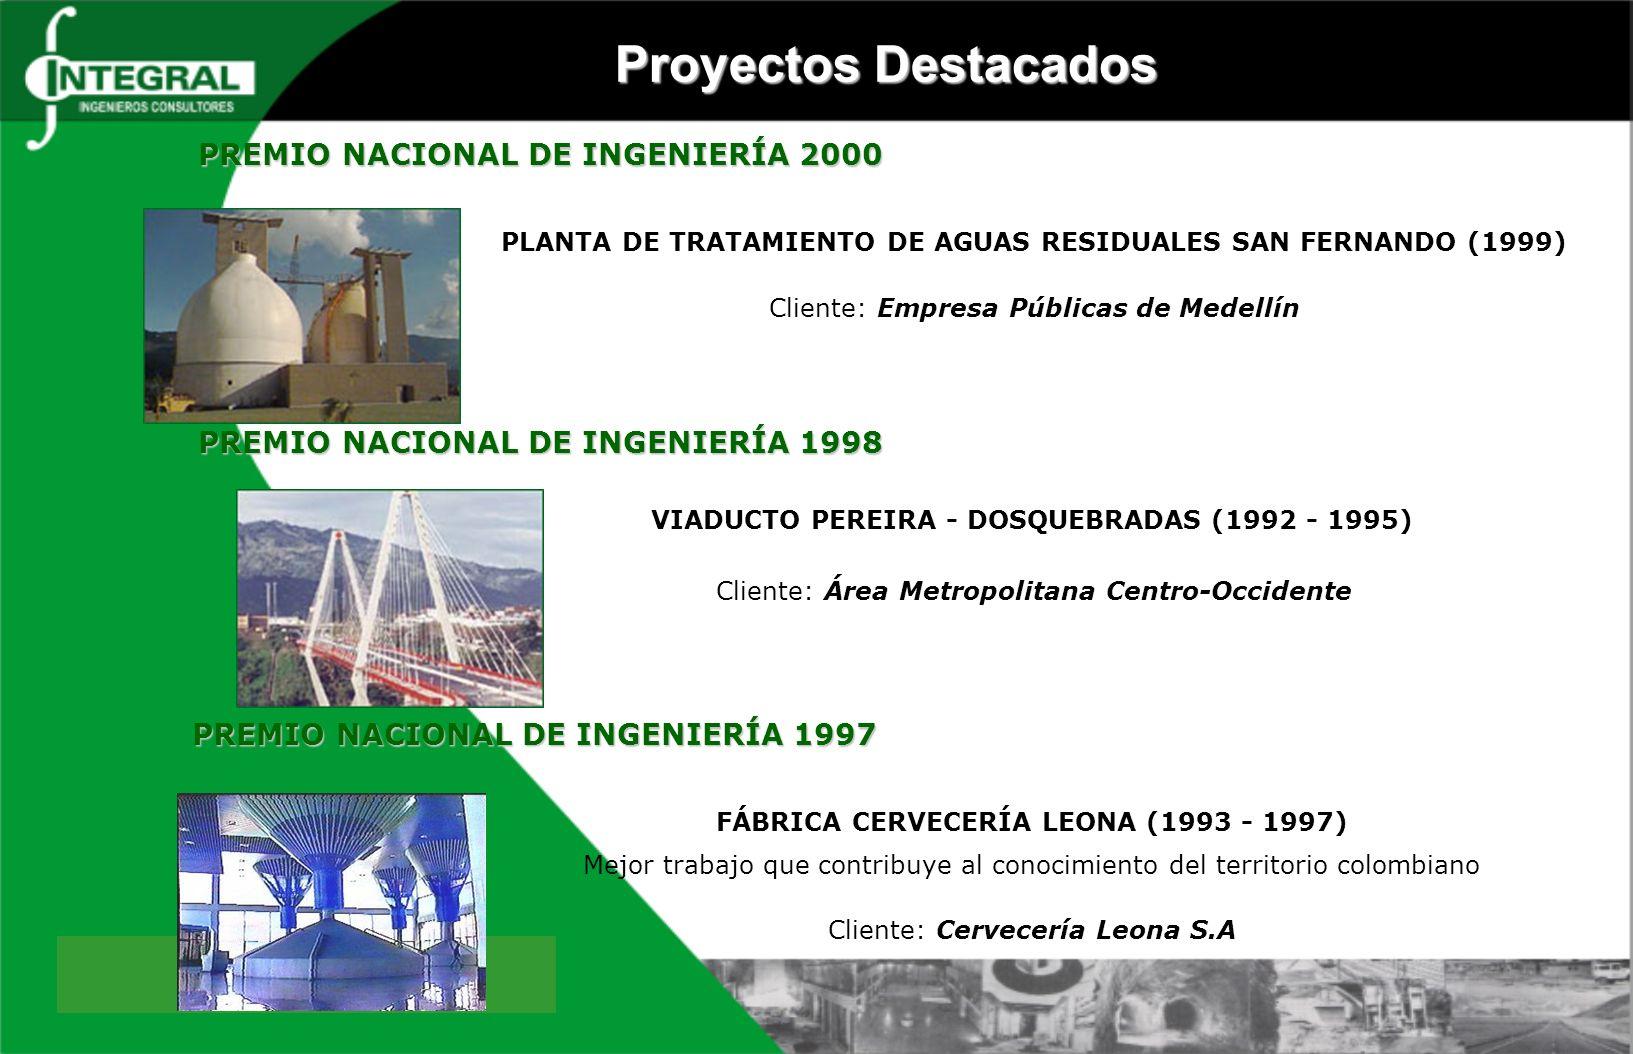 PREMIO NACIONAL DE INGENIERÍA 2000 PLANTA DE TRATAMIENTO DE AGUAS RESIDUALES SAN FERNANDO (1999) Cliente: Empresa Públicas de Medellín VIADUCTO PEREIR